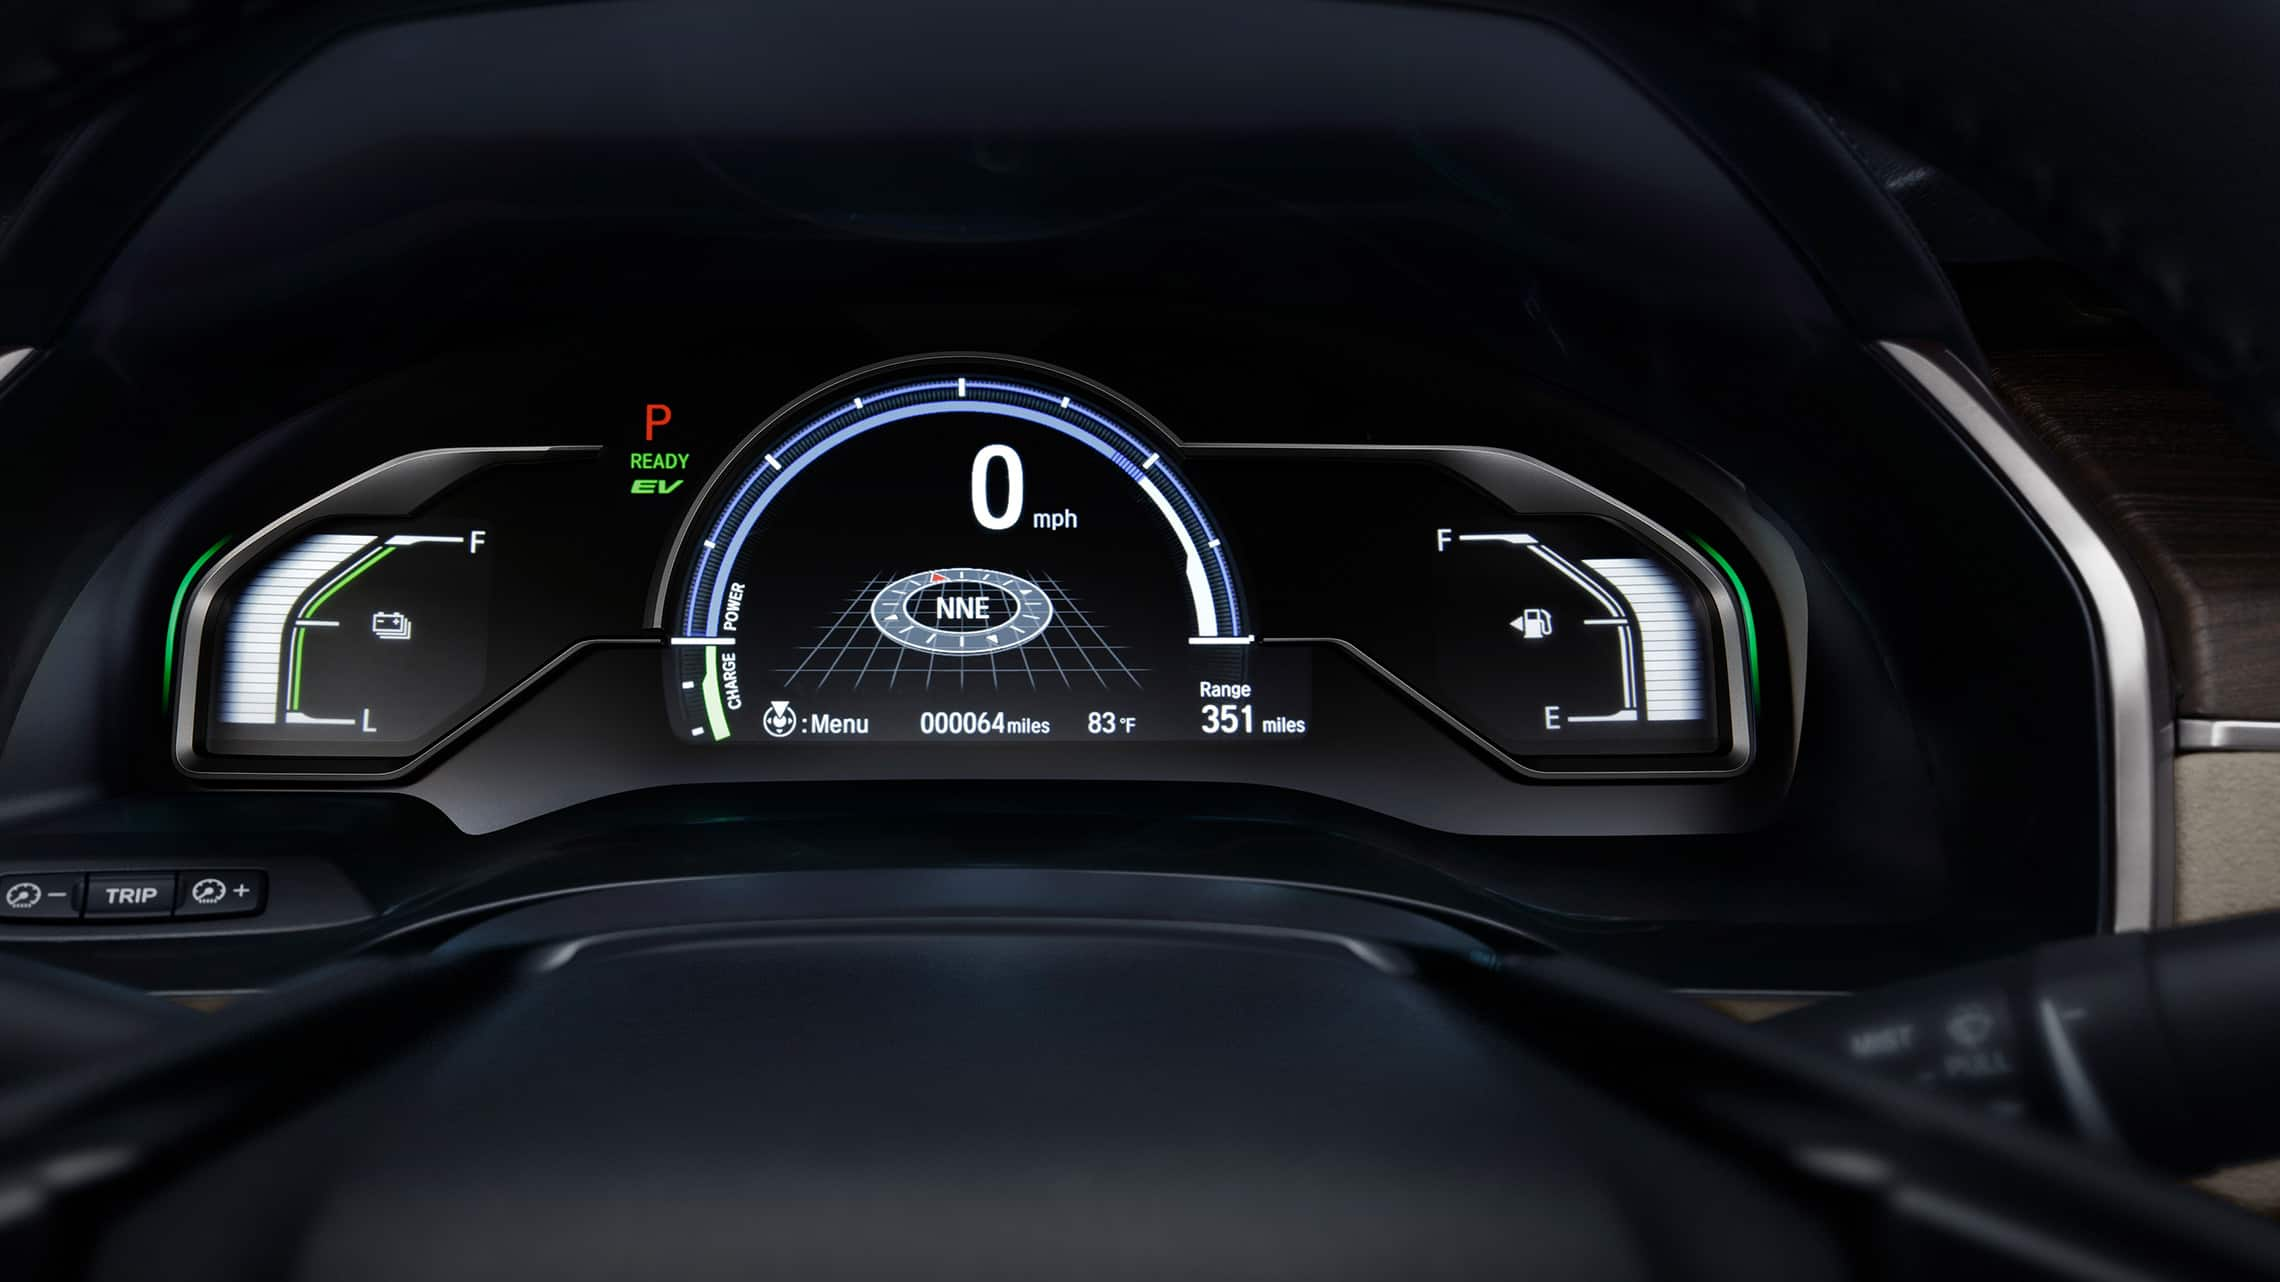 Detalle de la interfaz digital de información para el conductor en el Clarity Plug-In Hybrid 2021.